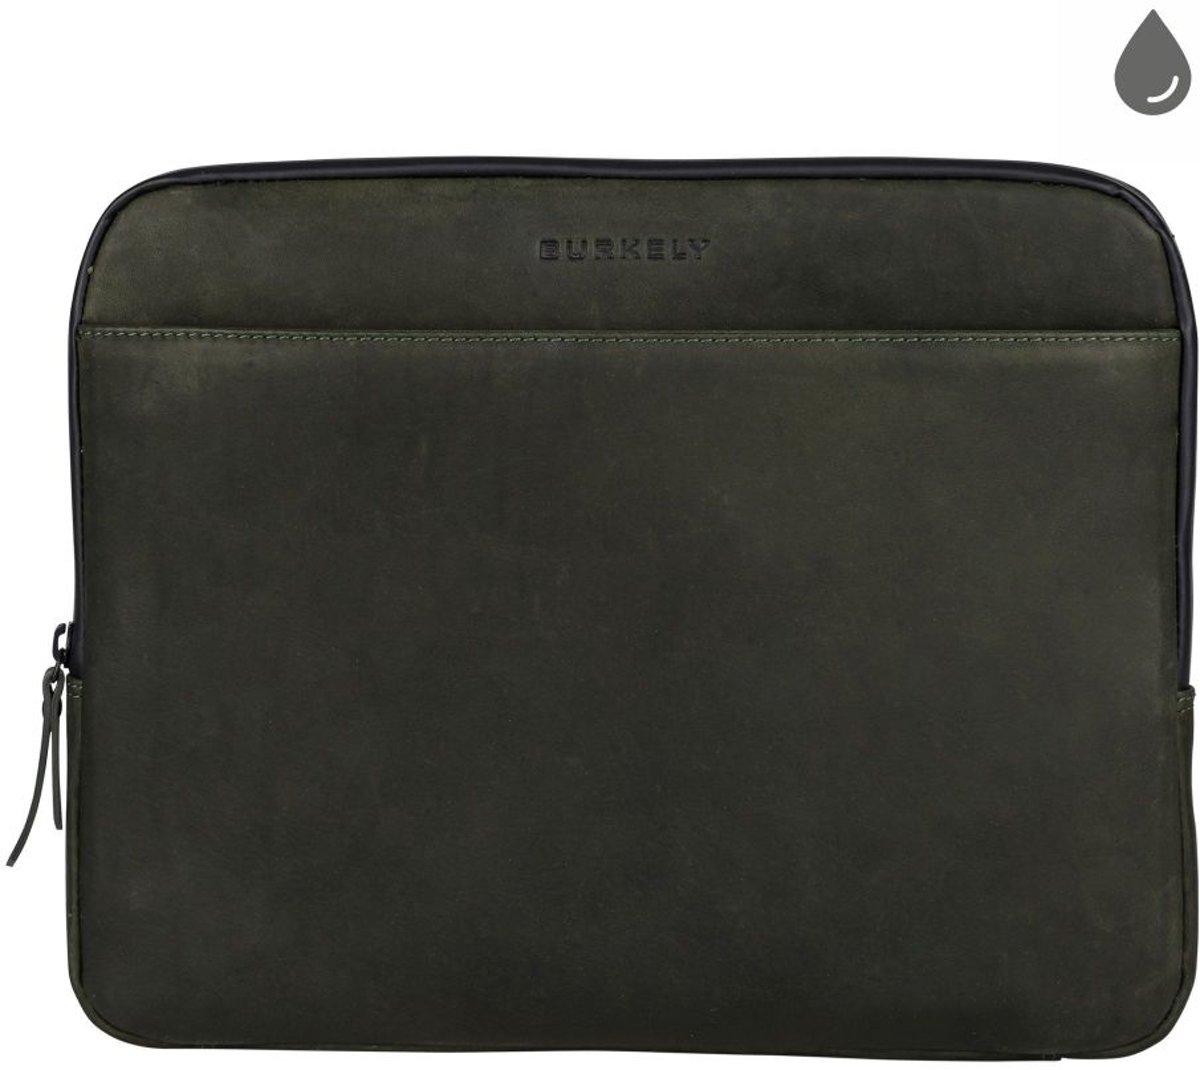 BURKELY Rain Riley Laptopsleeve 13.3 inch Clutch - Oil Groen kopen